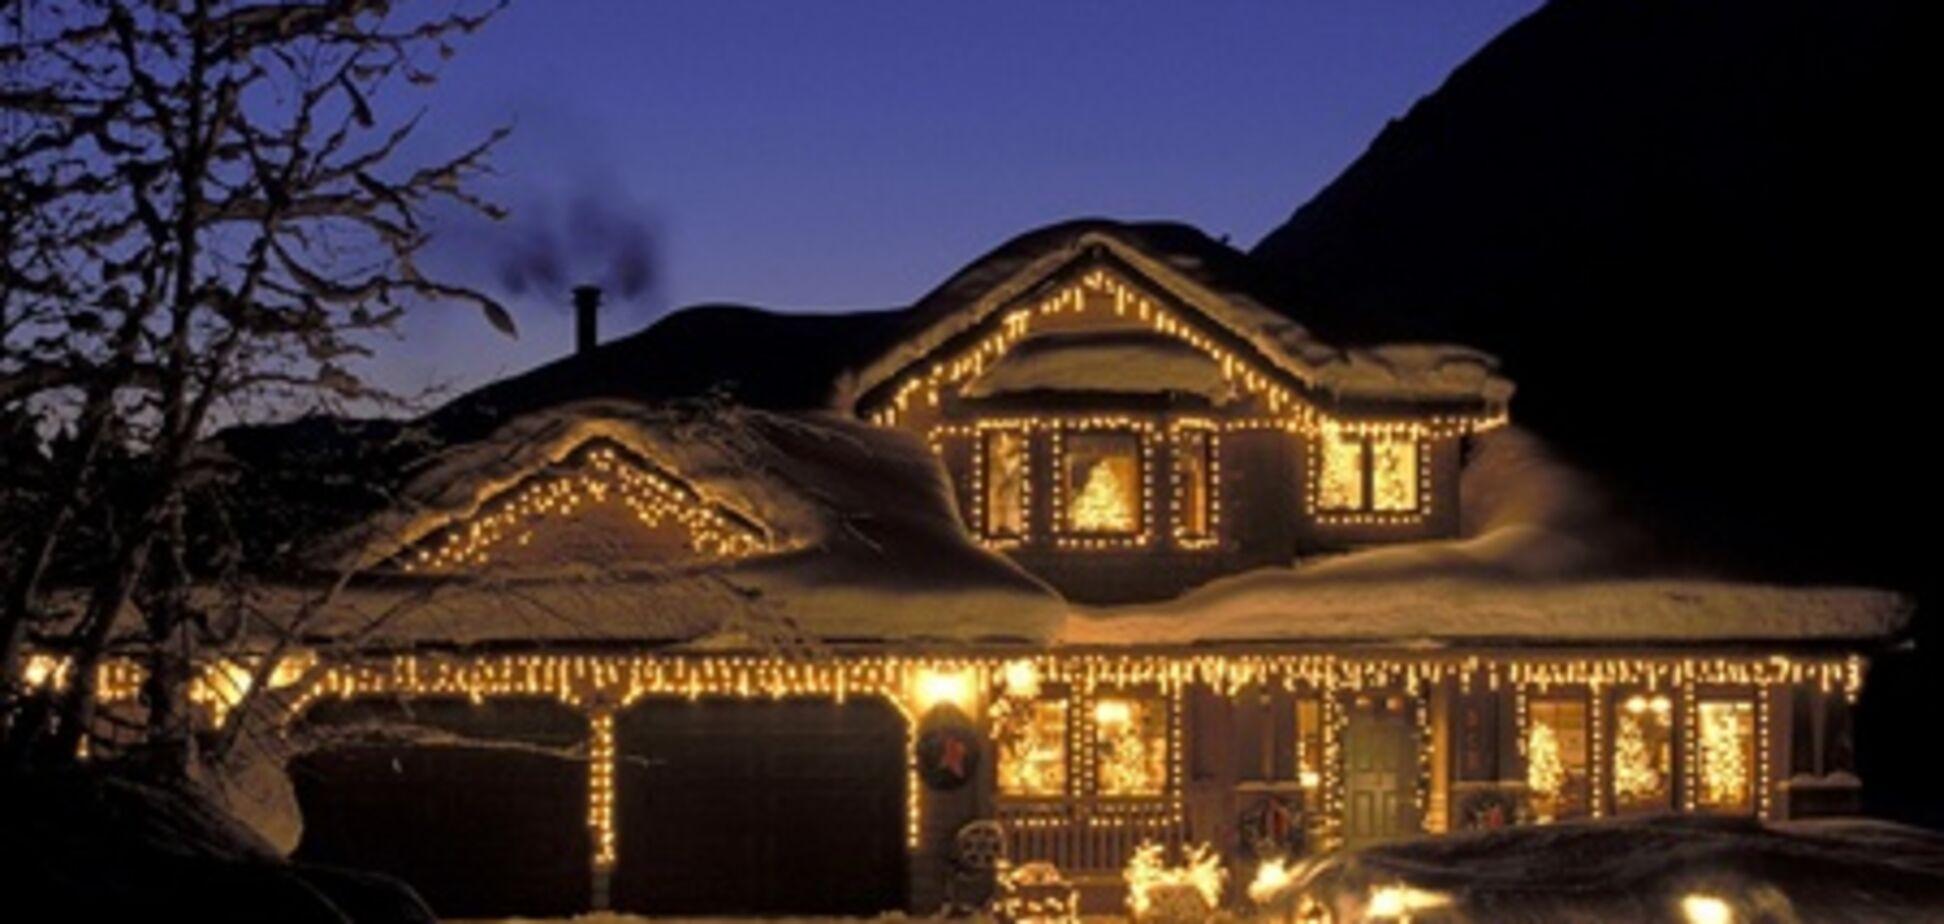 Сколько стоит домик в новогоднюю ночь?